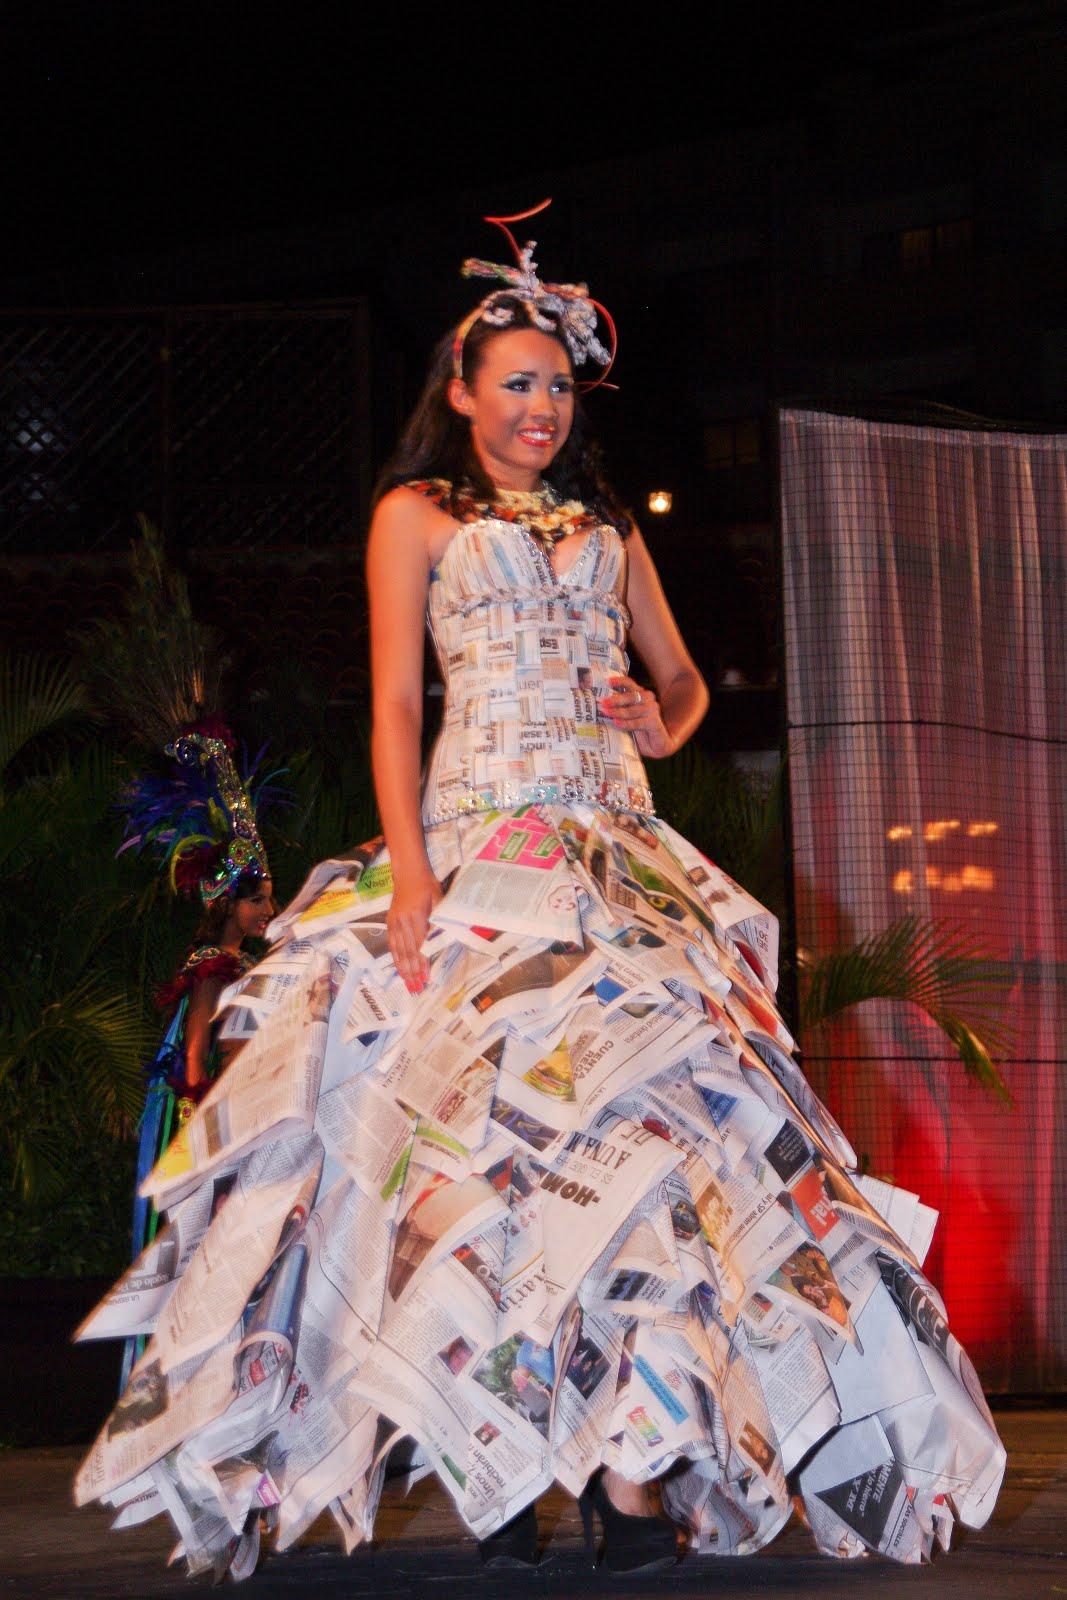 : Vestimenta de identidad, elaborados con materiales de reciclajes